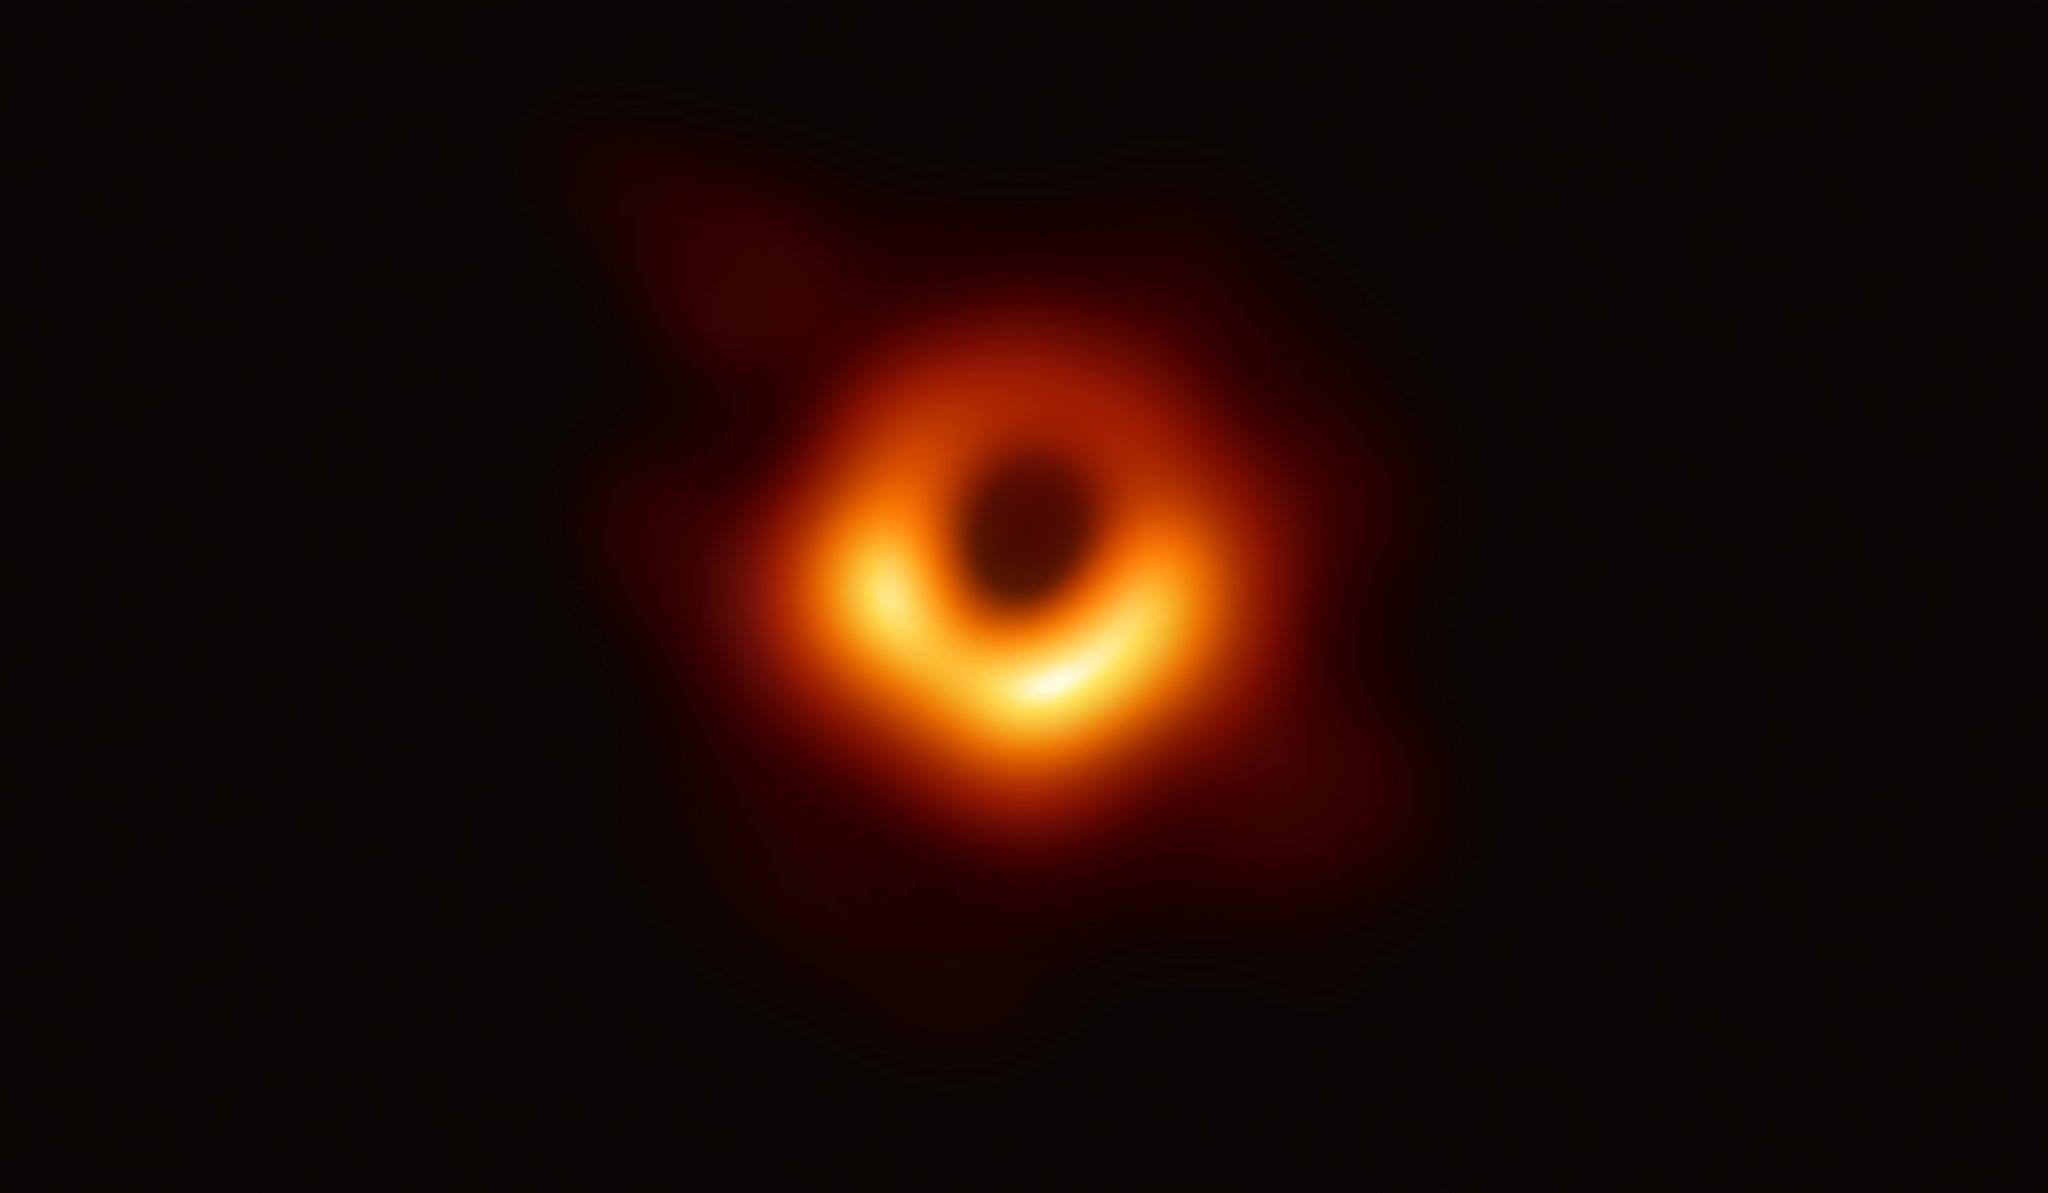 México participó en trabajos para obtener la primera imagen de un agujero negro